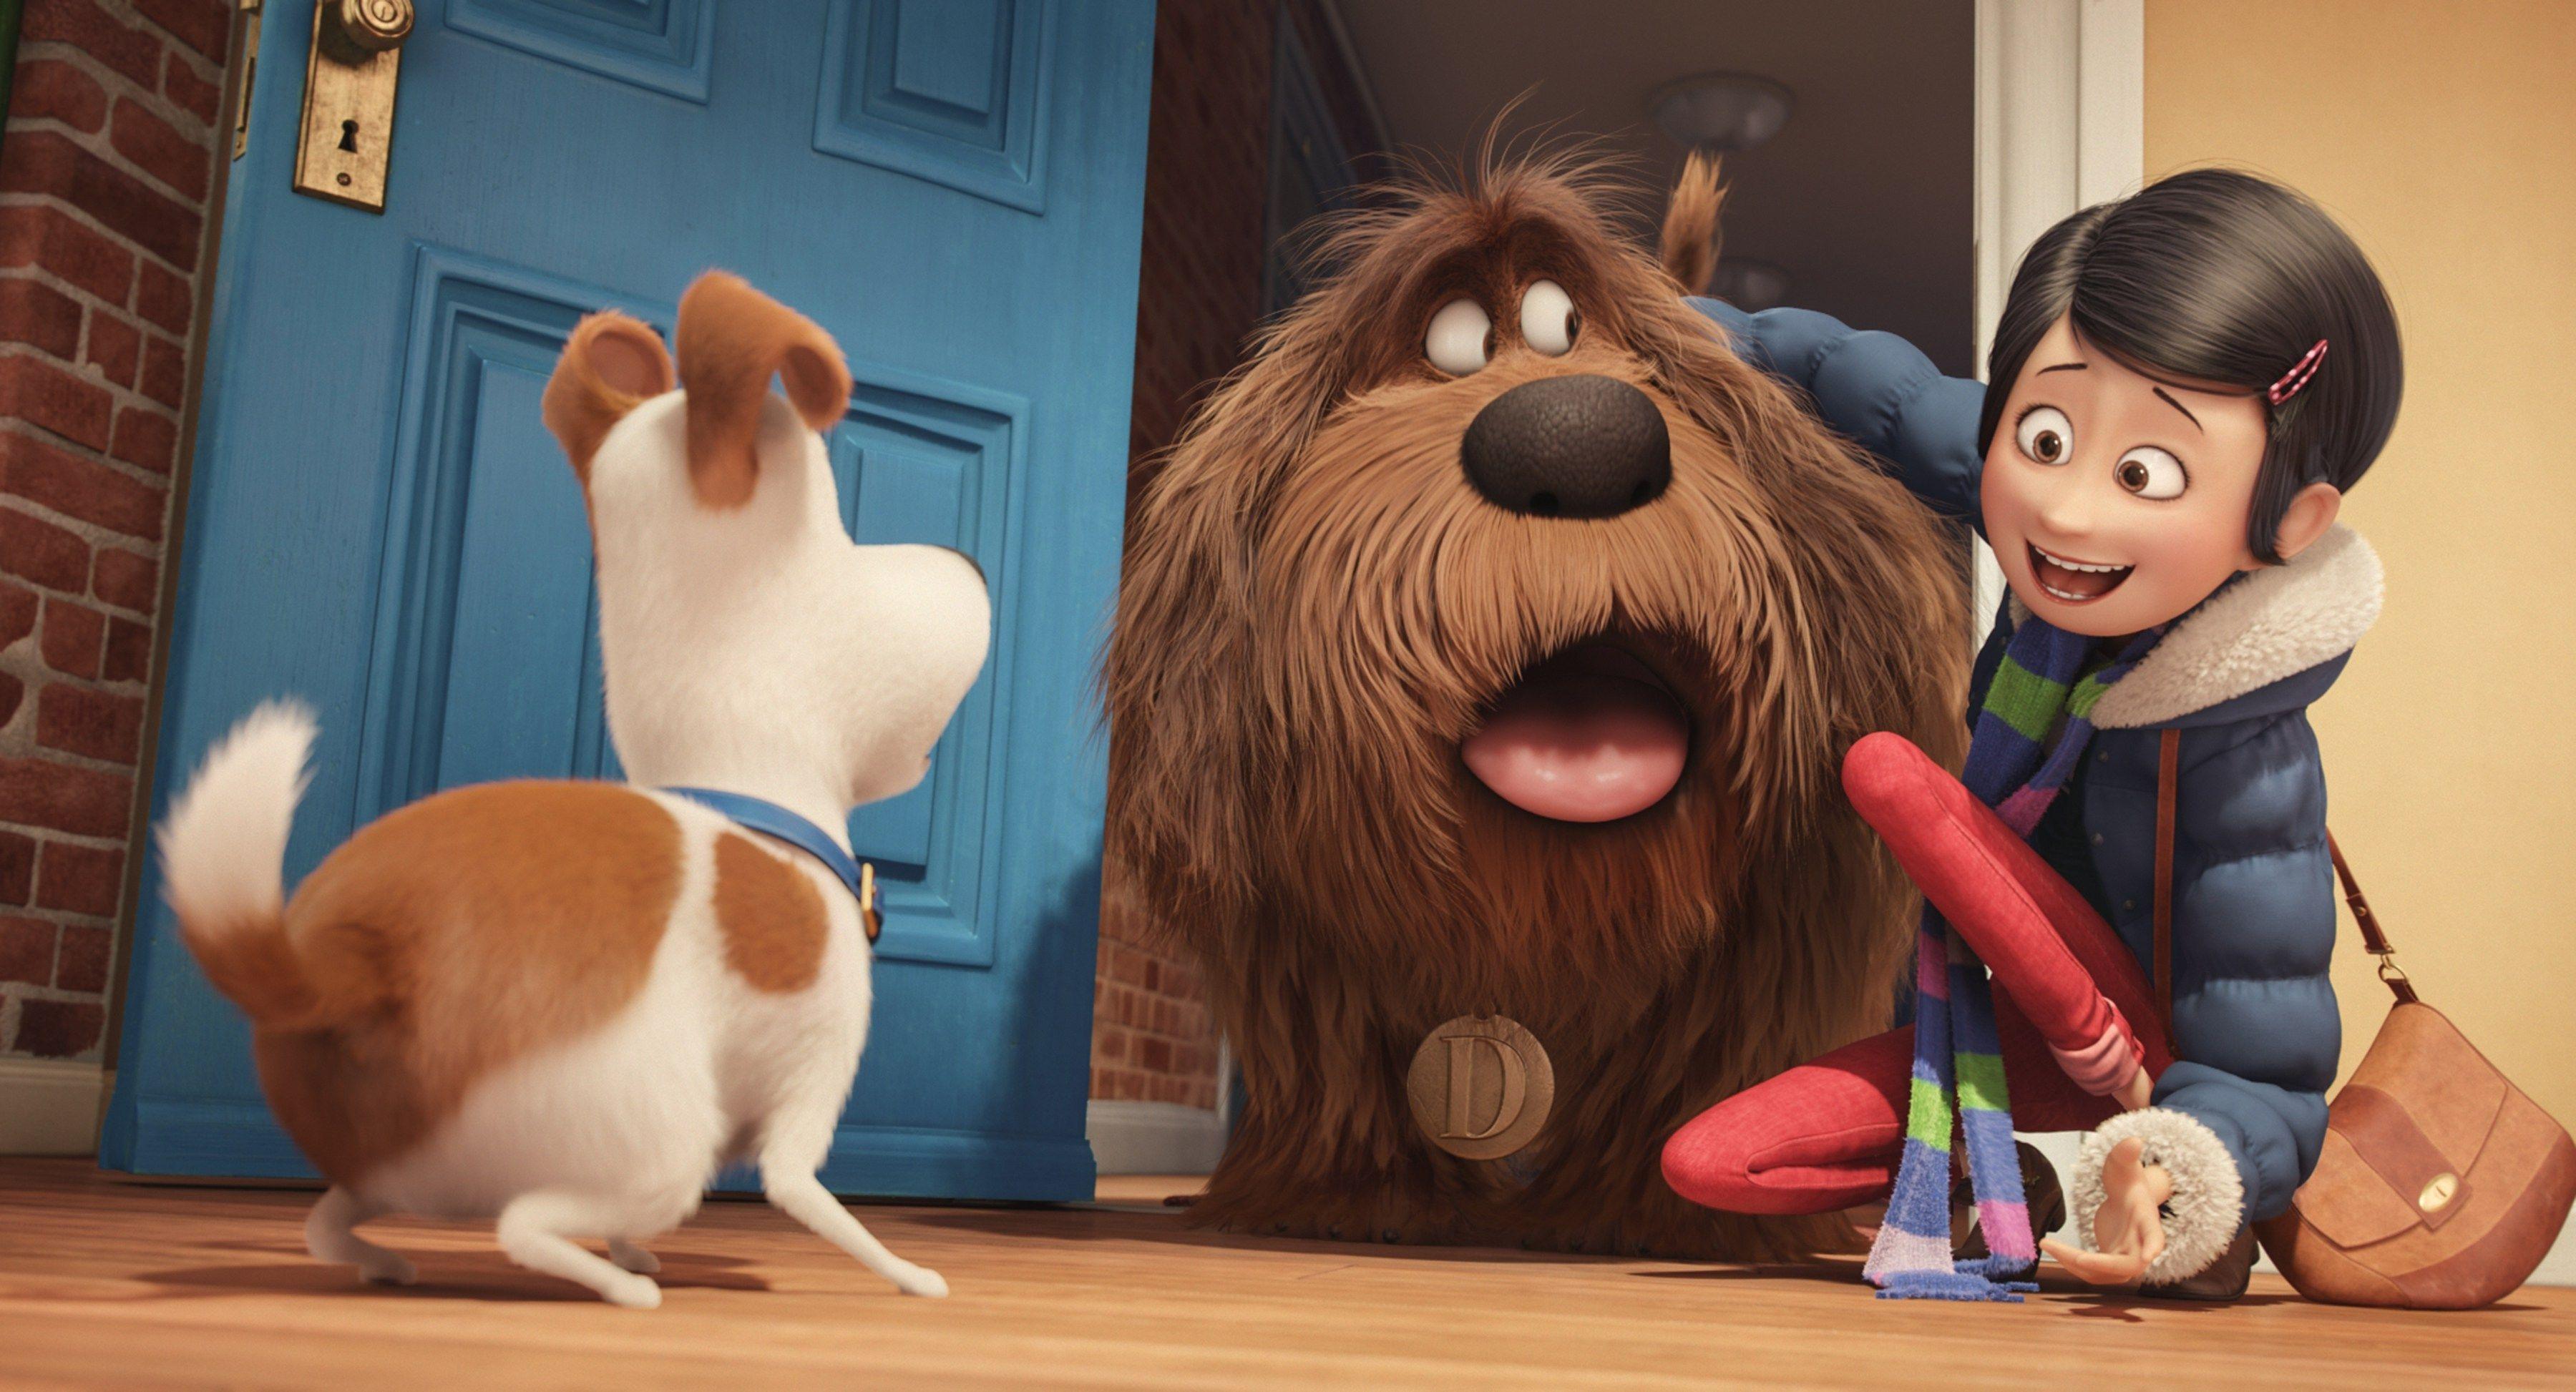 The Secret Life Of Pets Official Final Trailer 2016 Animated Comedy Movie Hd Bola De Neve Papeis De Parede Engracados Coelho Desenho